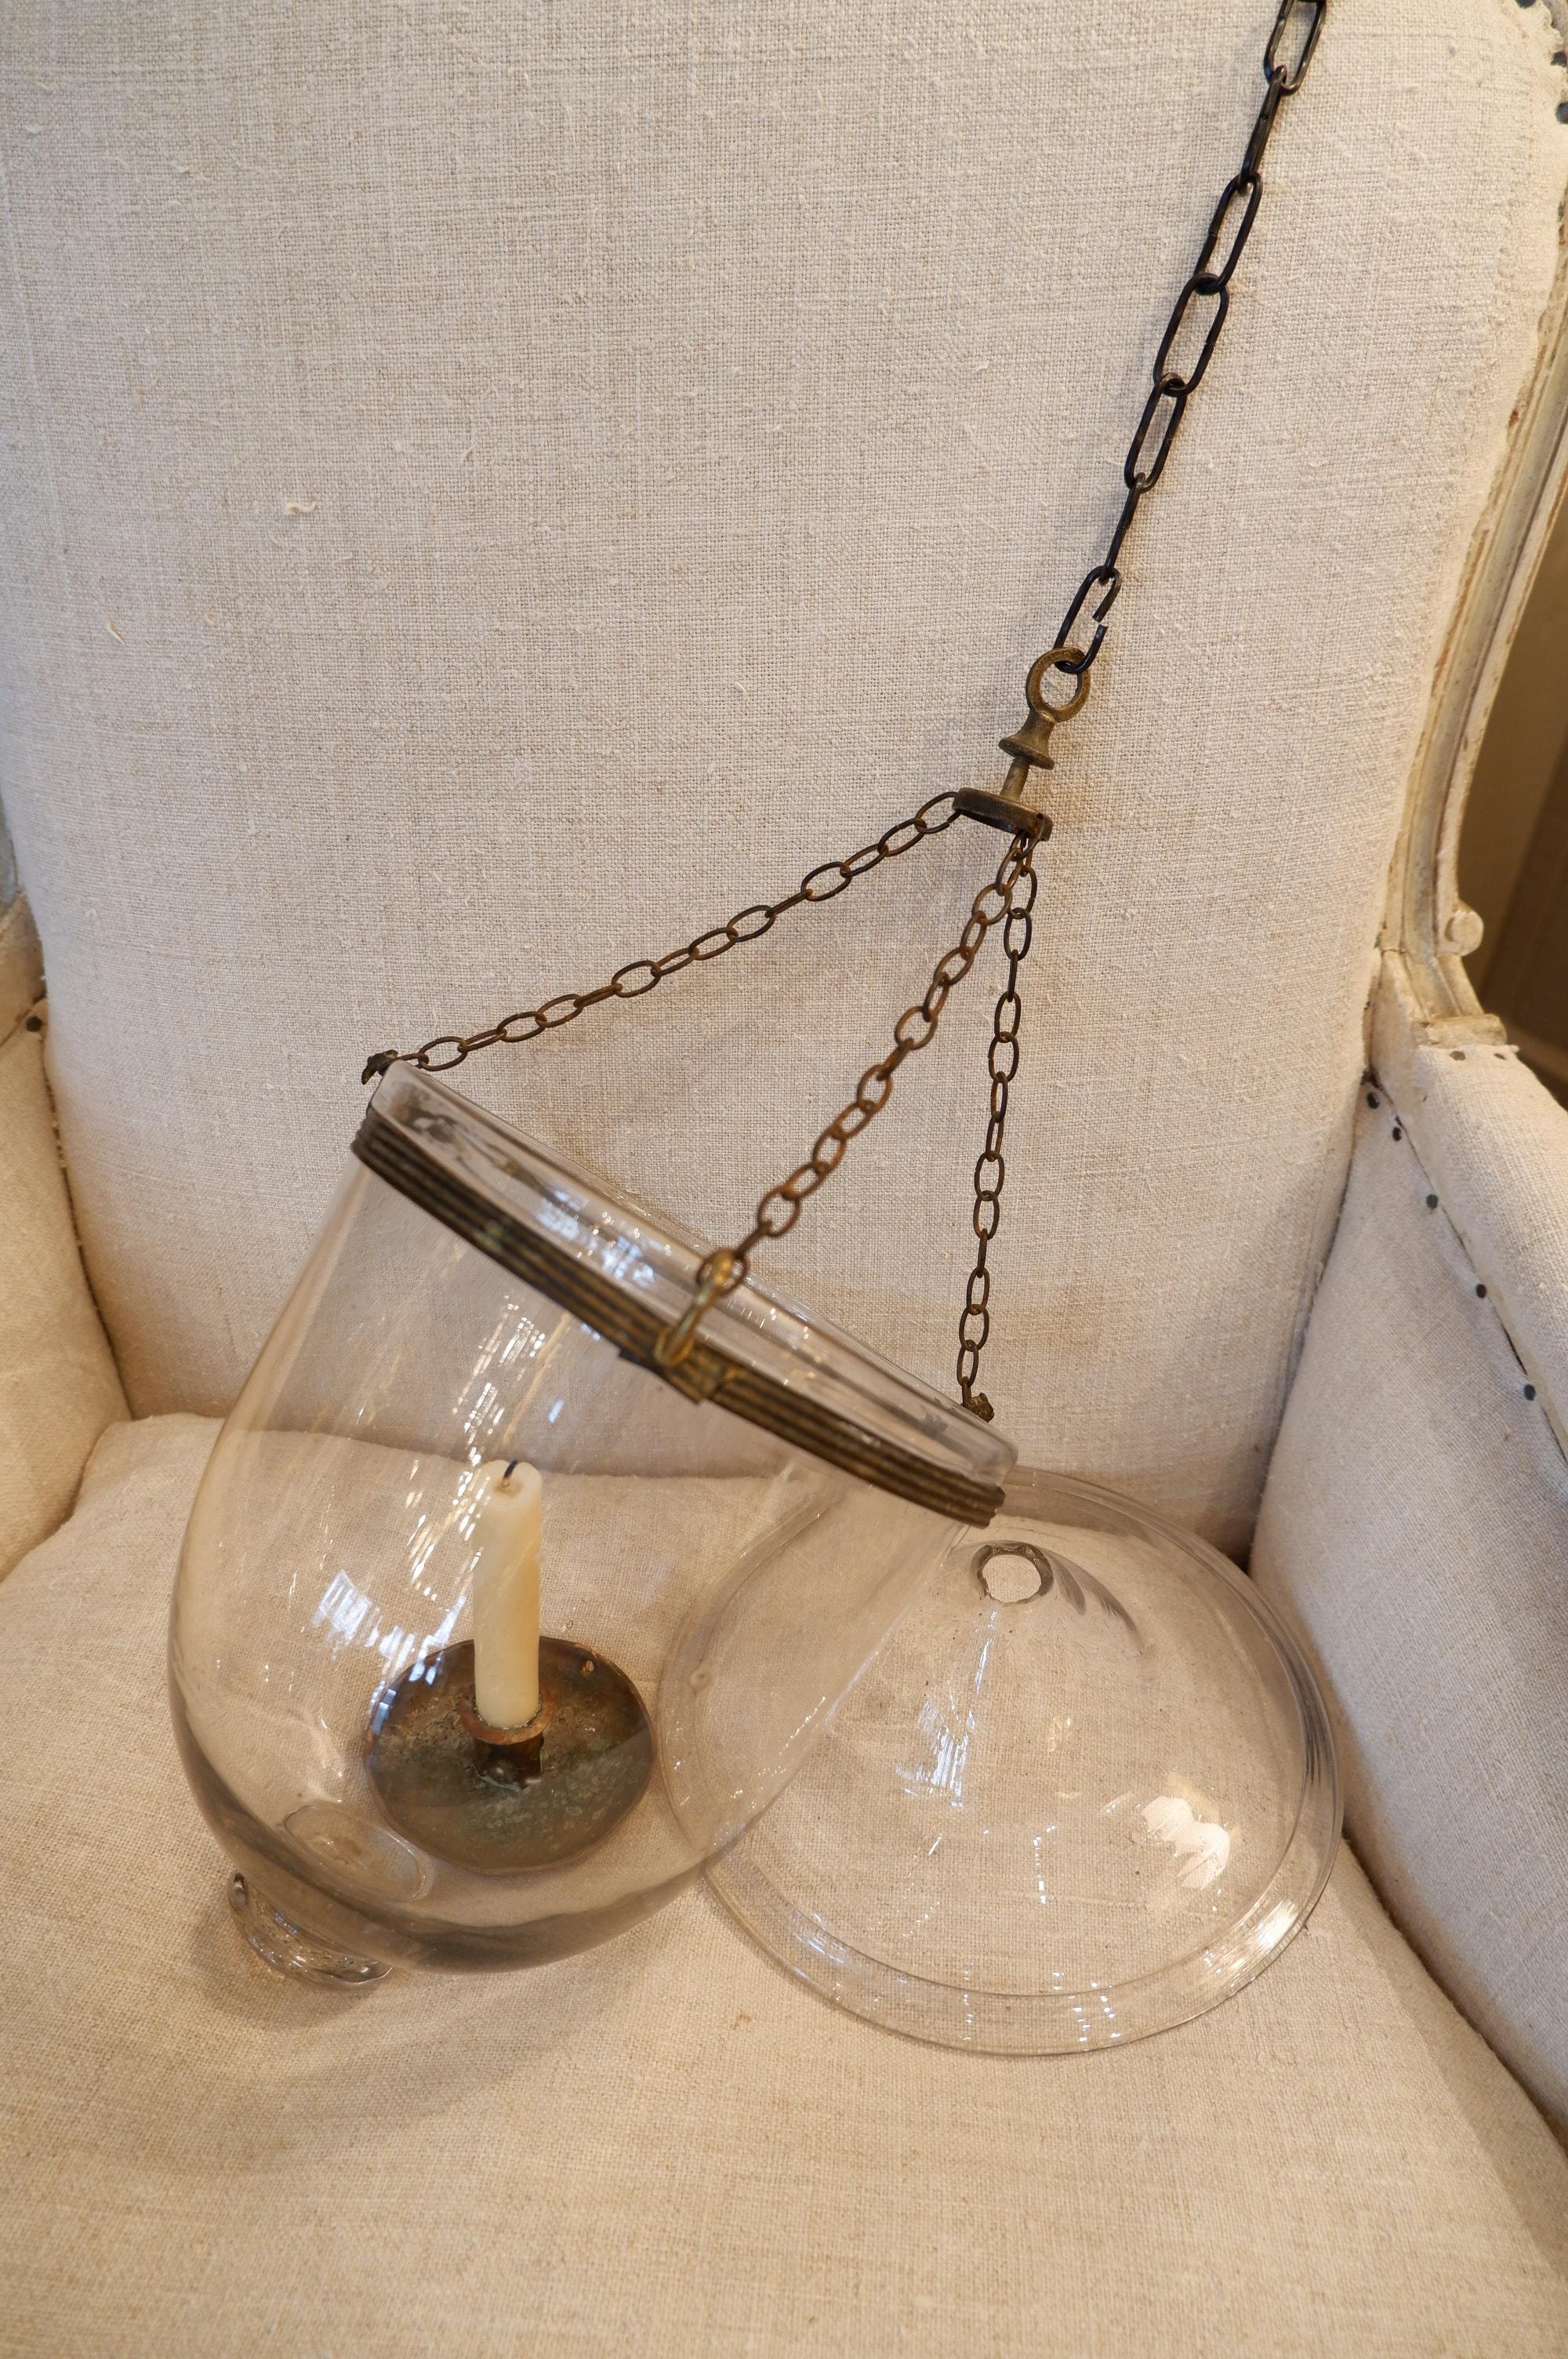 Suspension directoire cloche en verre pour bougie avec couvercle